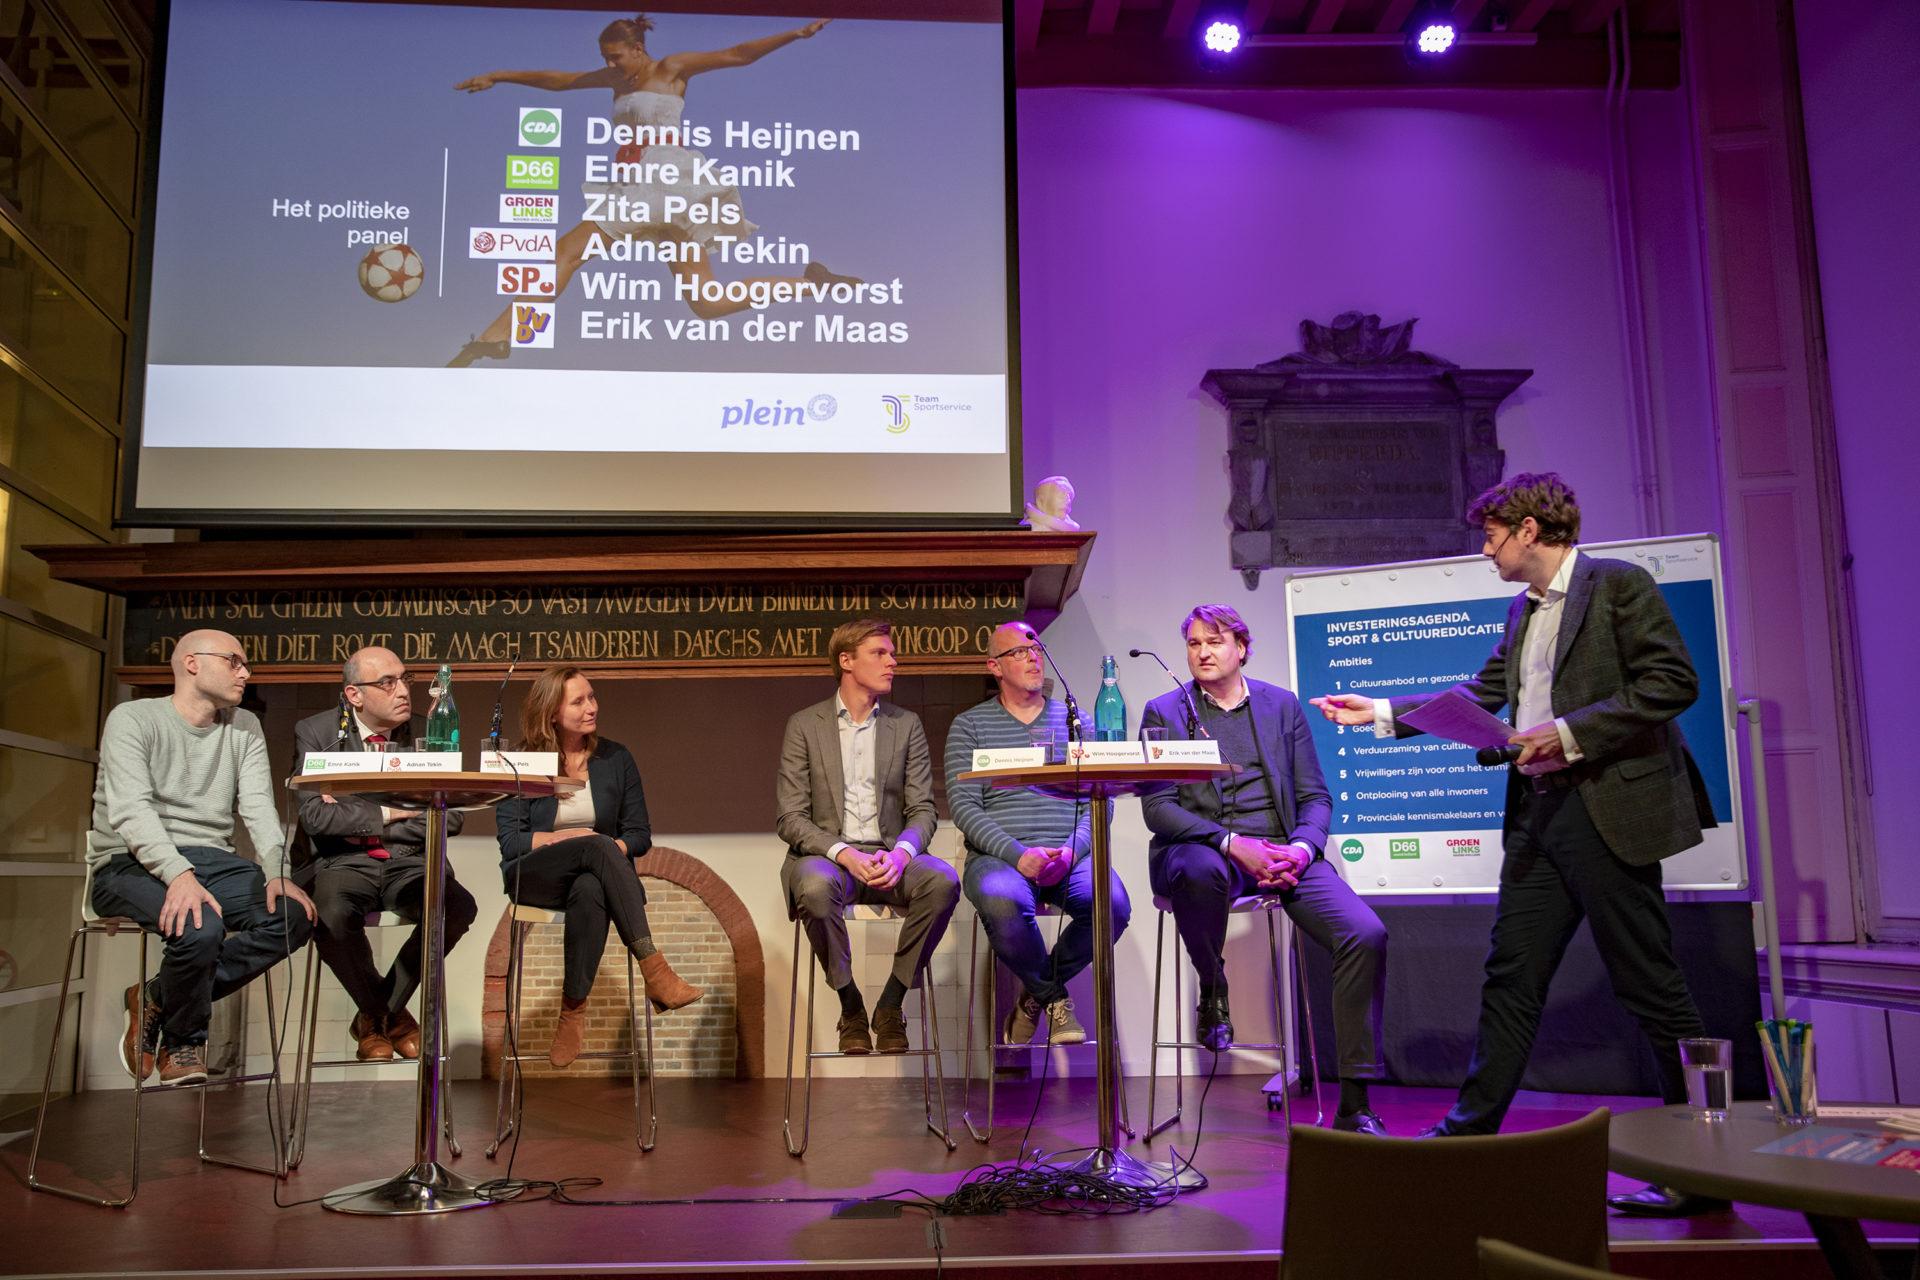 Het panel met v.l.n.r. Emre Kanik, Adnan Tekin, Zita Pels, Dennis Heijnen, Wim Hoogervorst en Erik van der Maas. (Foto: Team Sportservice/Michel van Bergen)